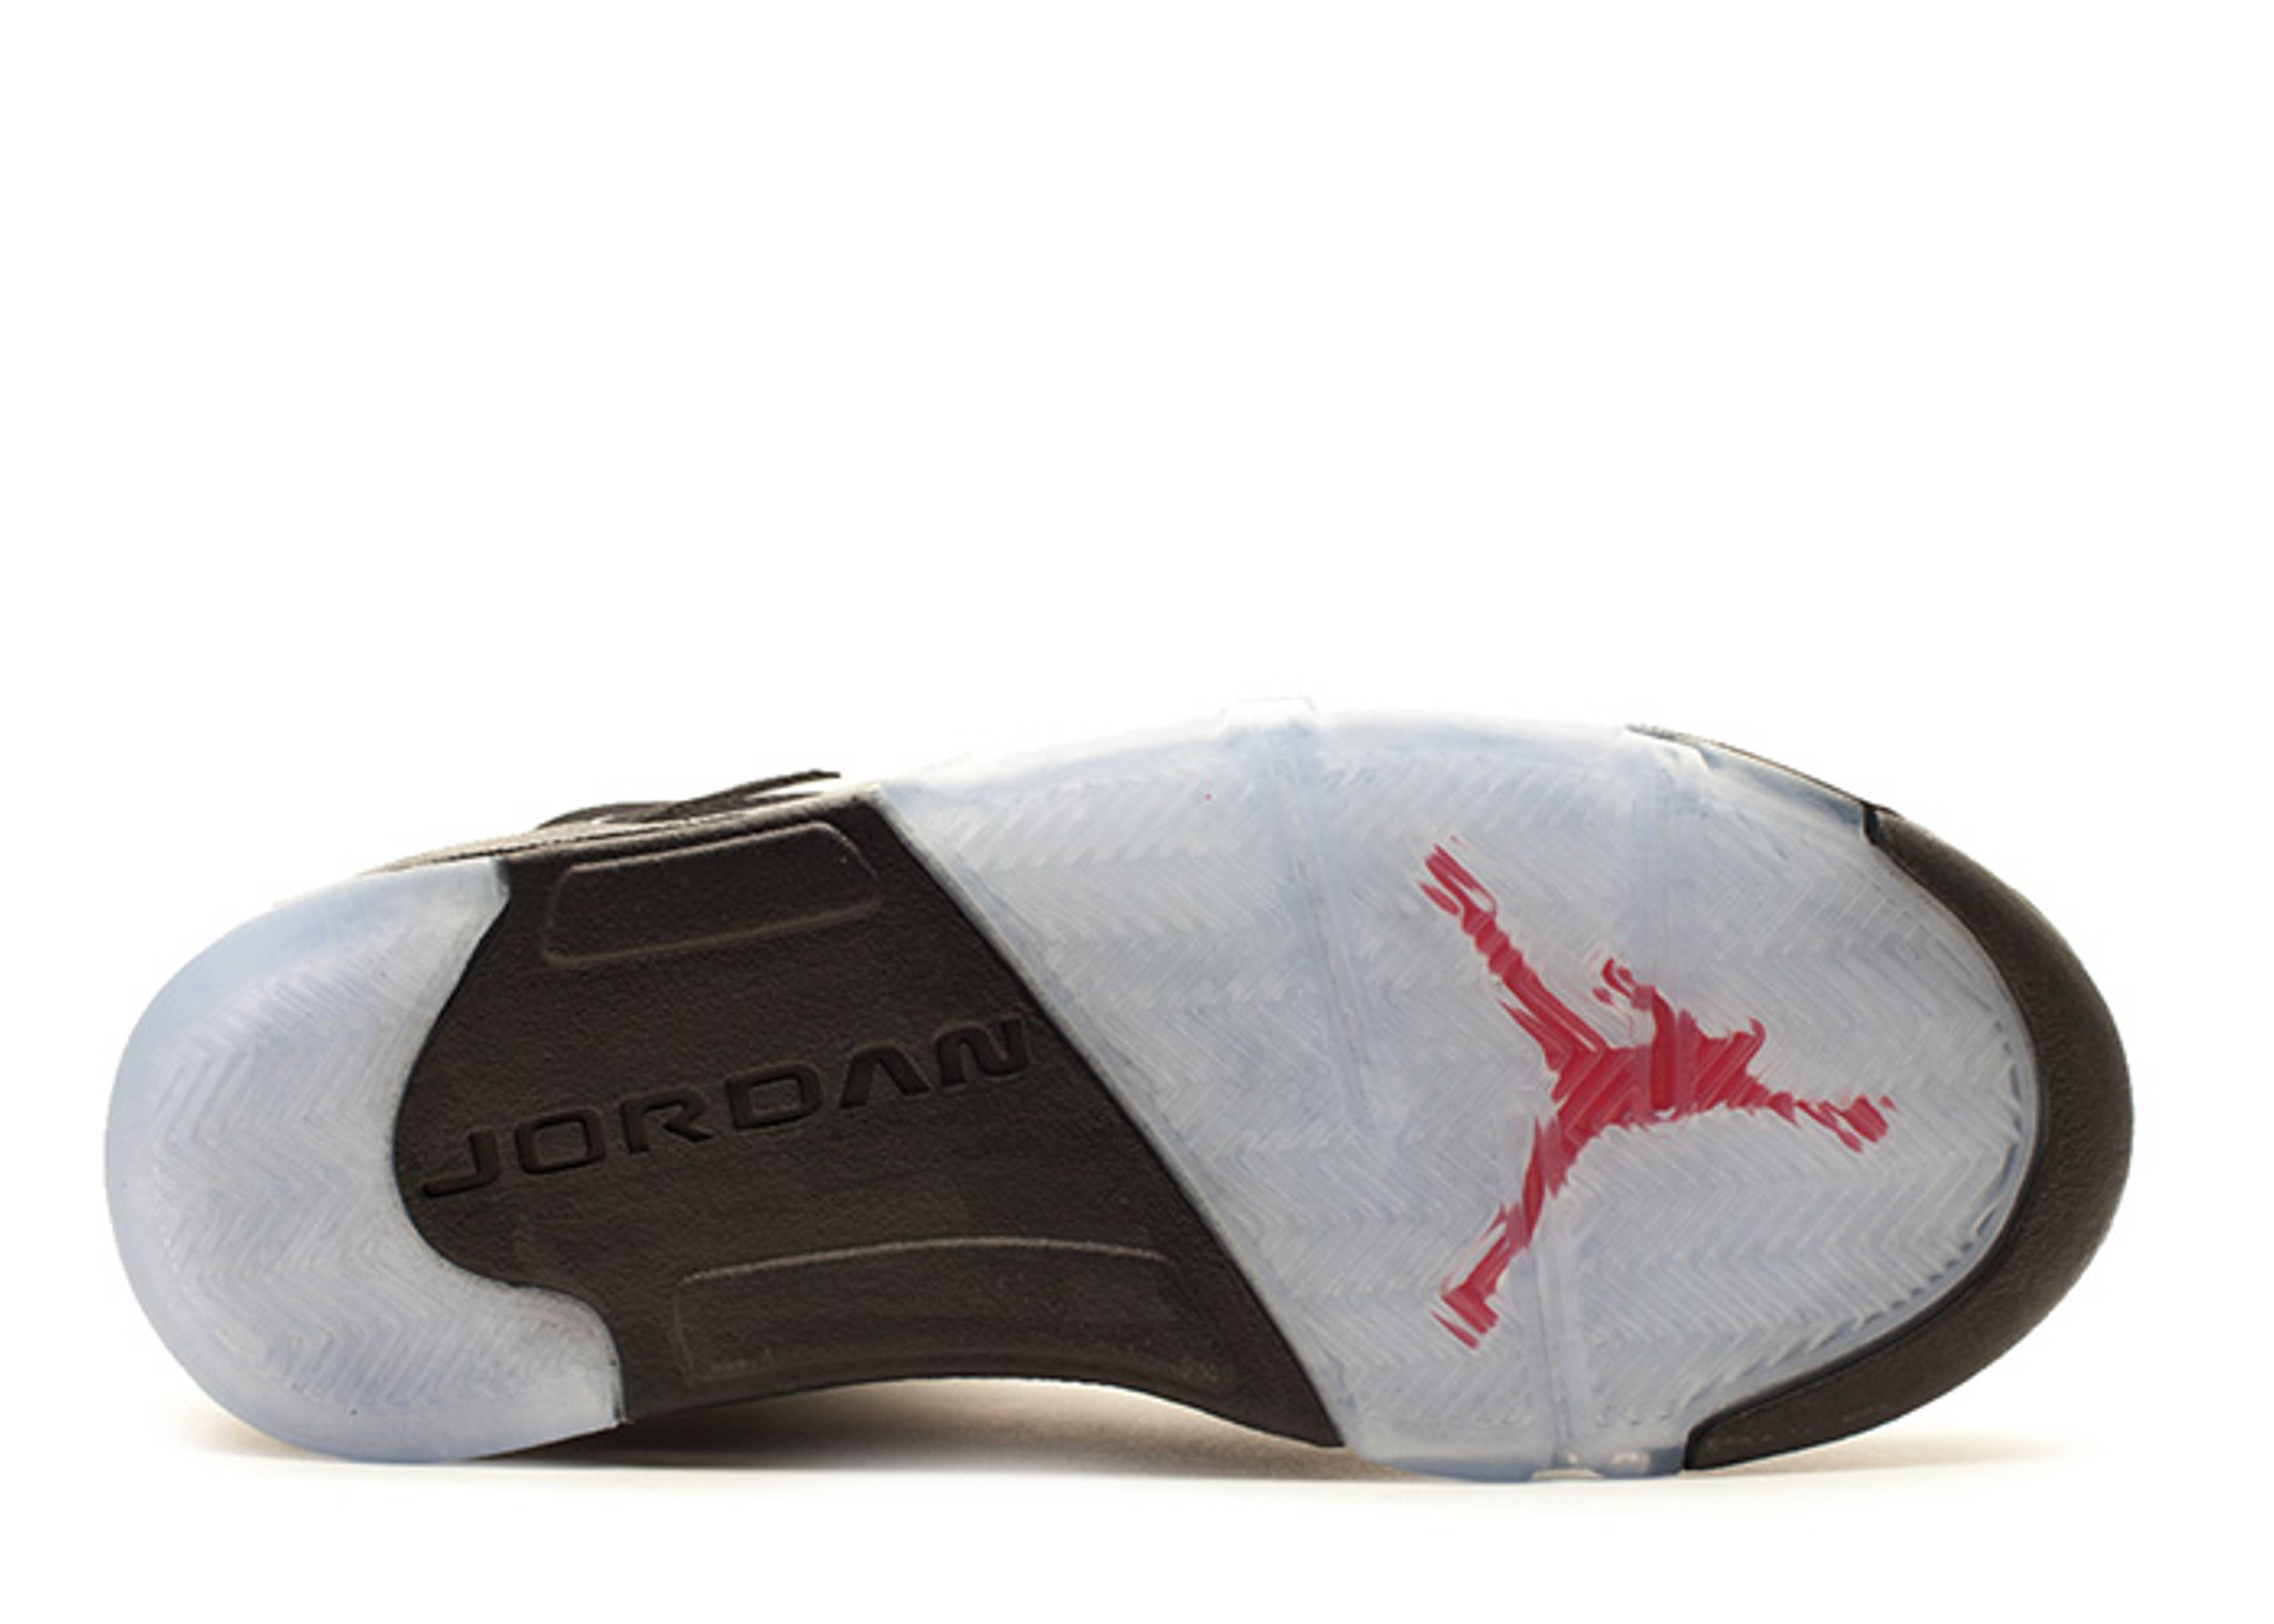 63c1983764f Air Jordan 5 Retro